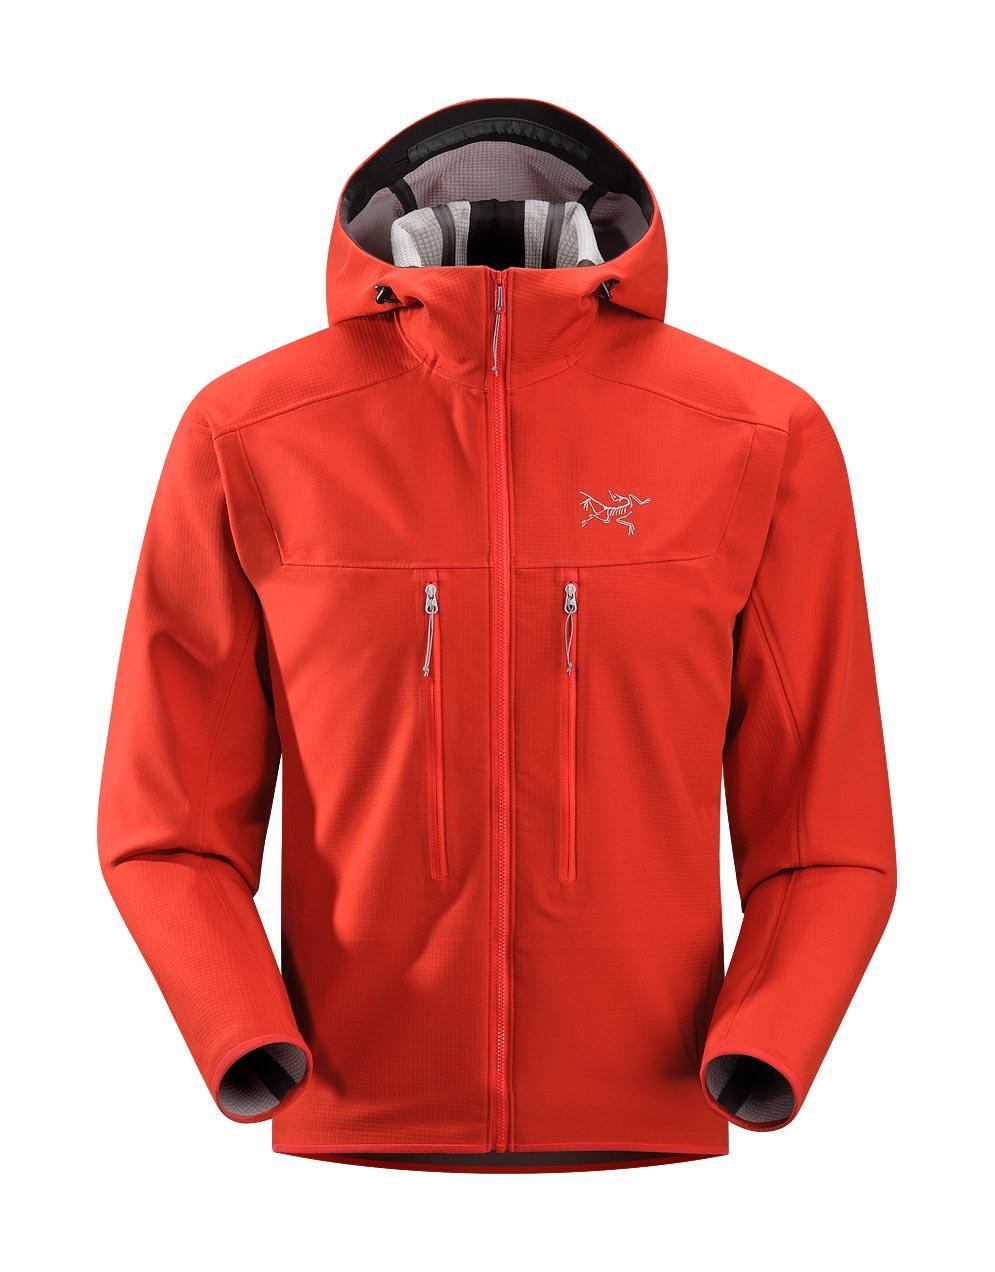 Arc'teryx acto mx jacket men's